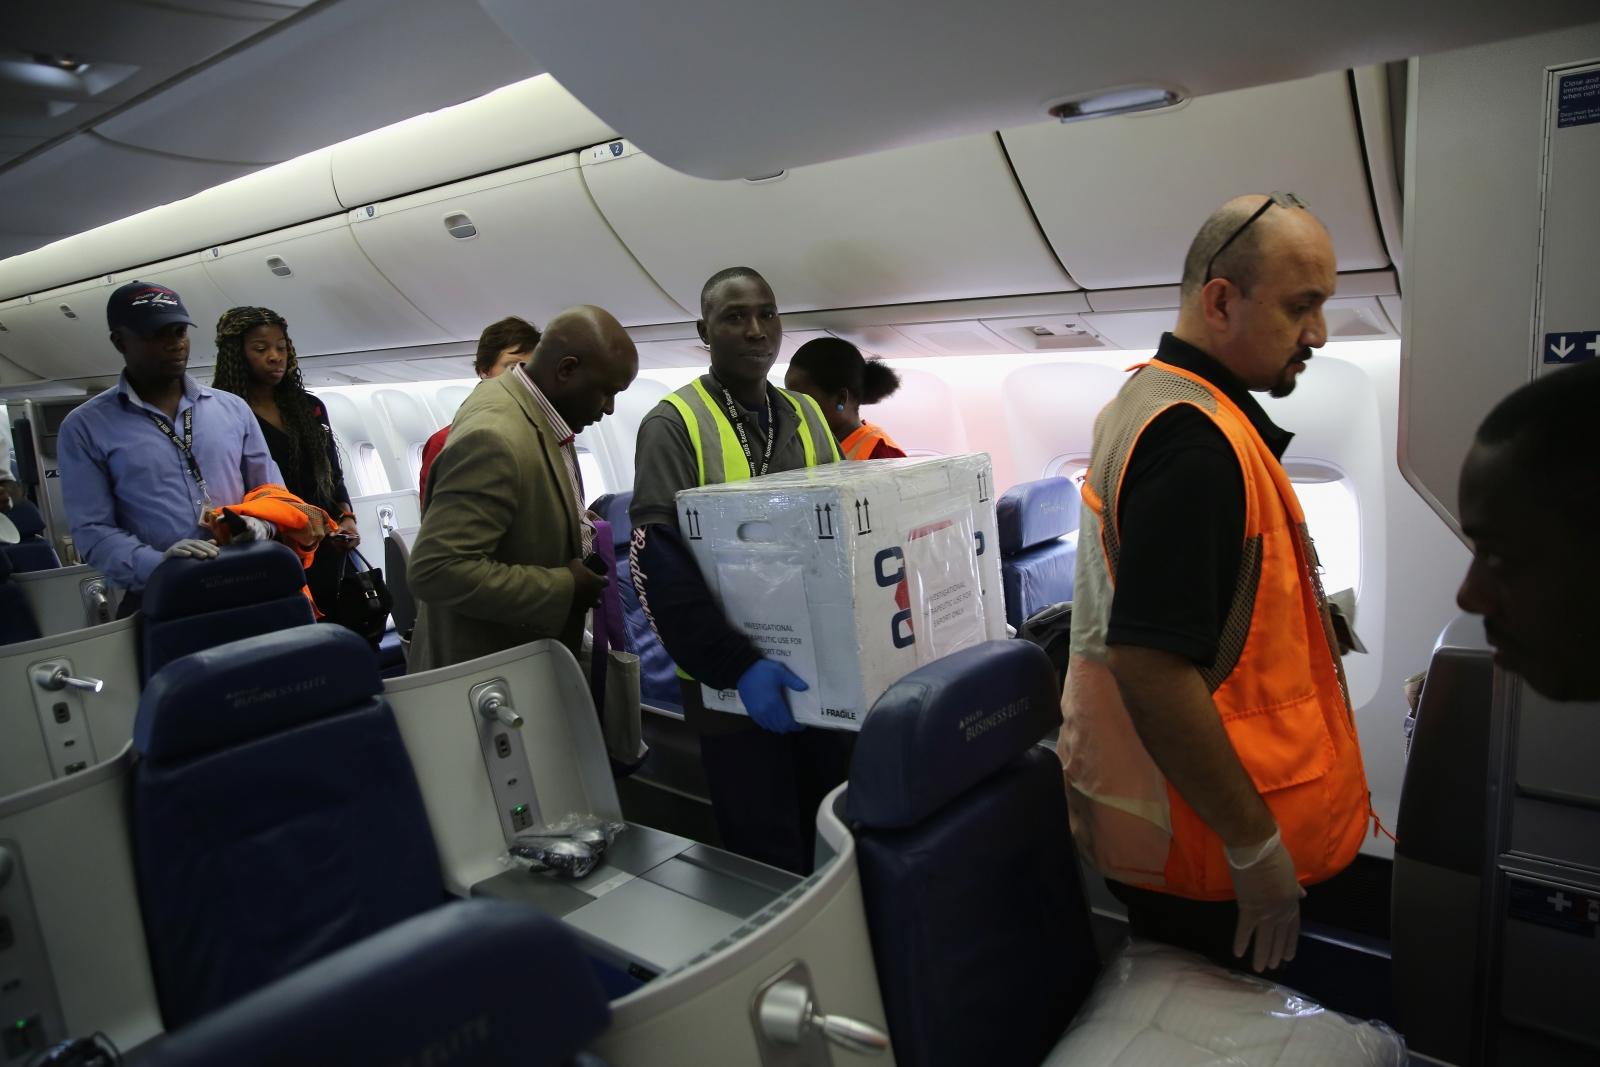 Ebola transported Zmapp